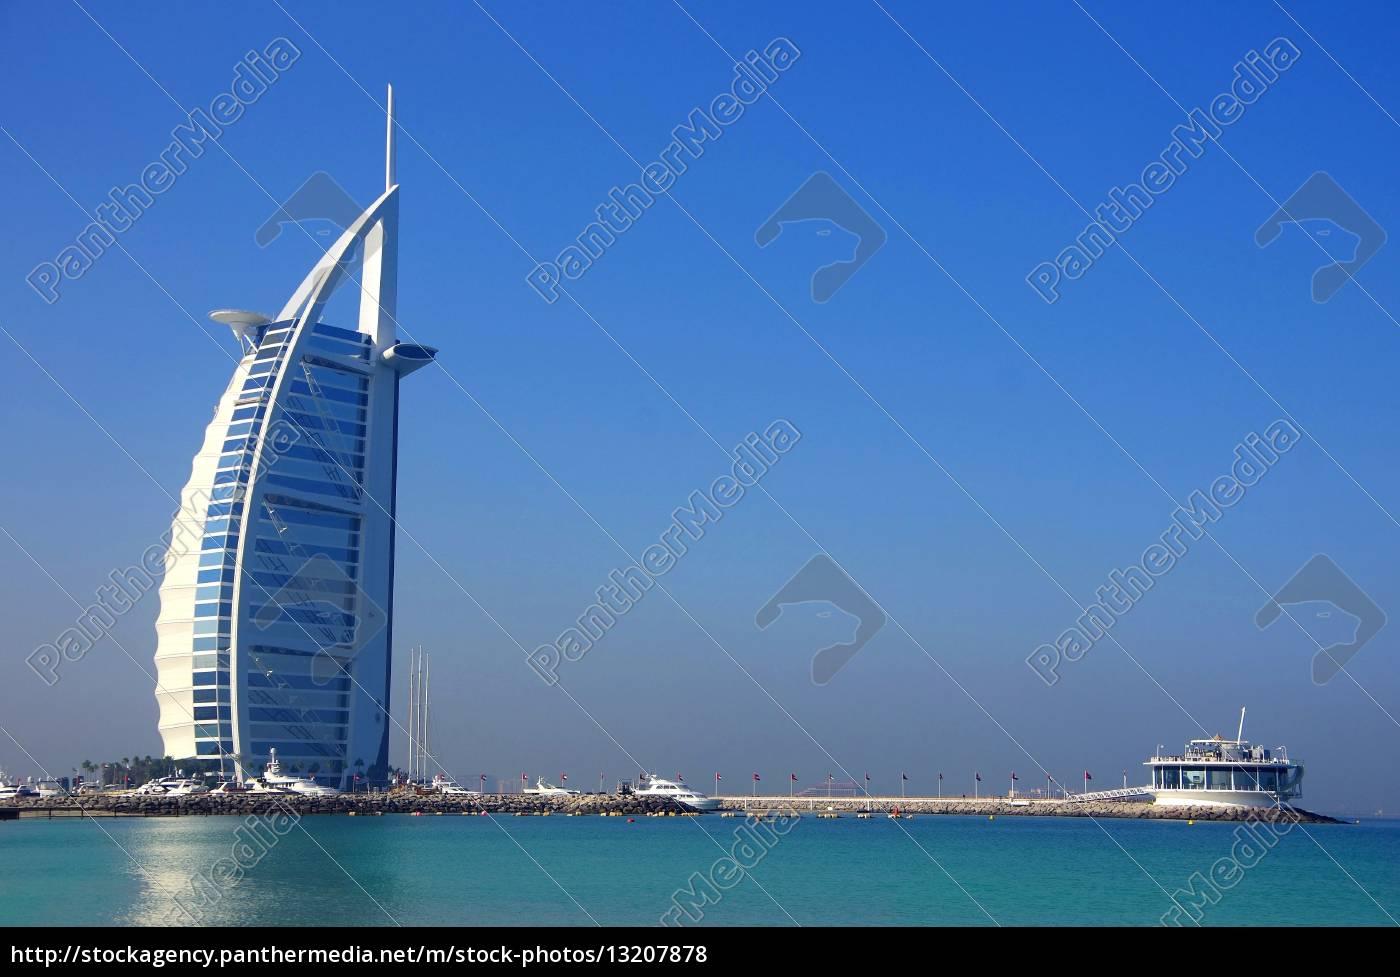 burj, al, arab, with, beach - 13207878